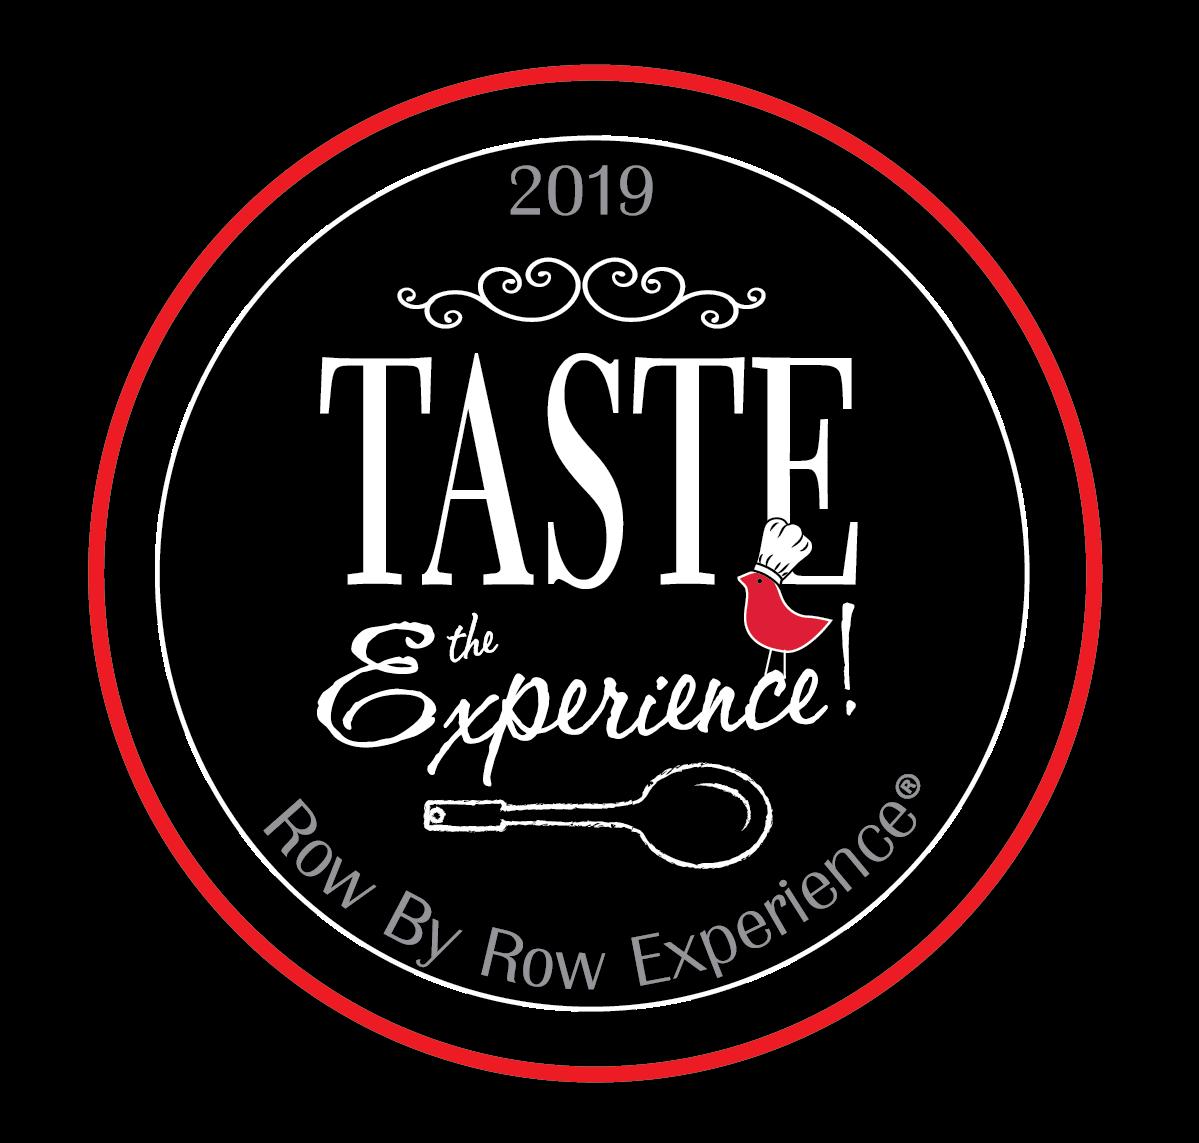 Taste the Experience Row by Row Logo